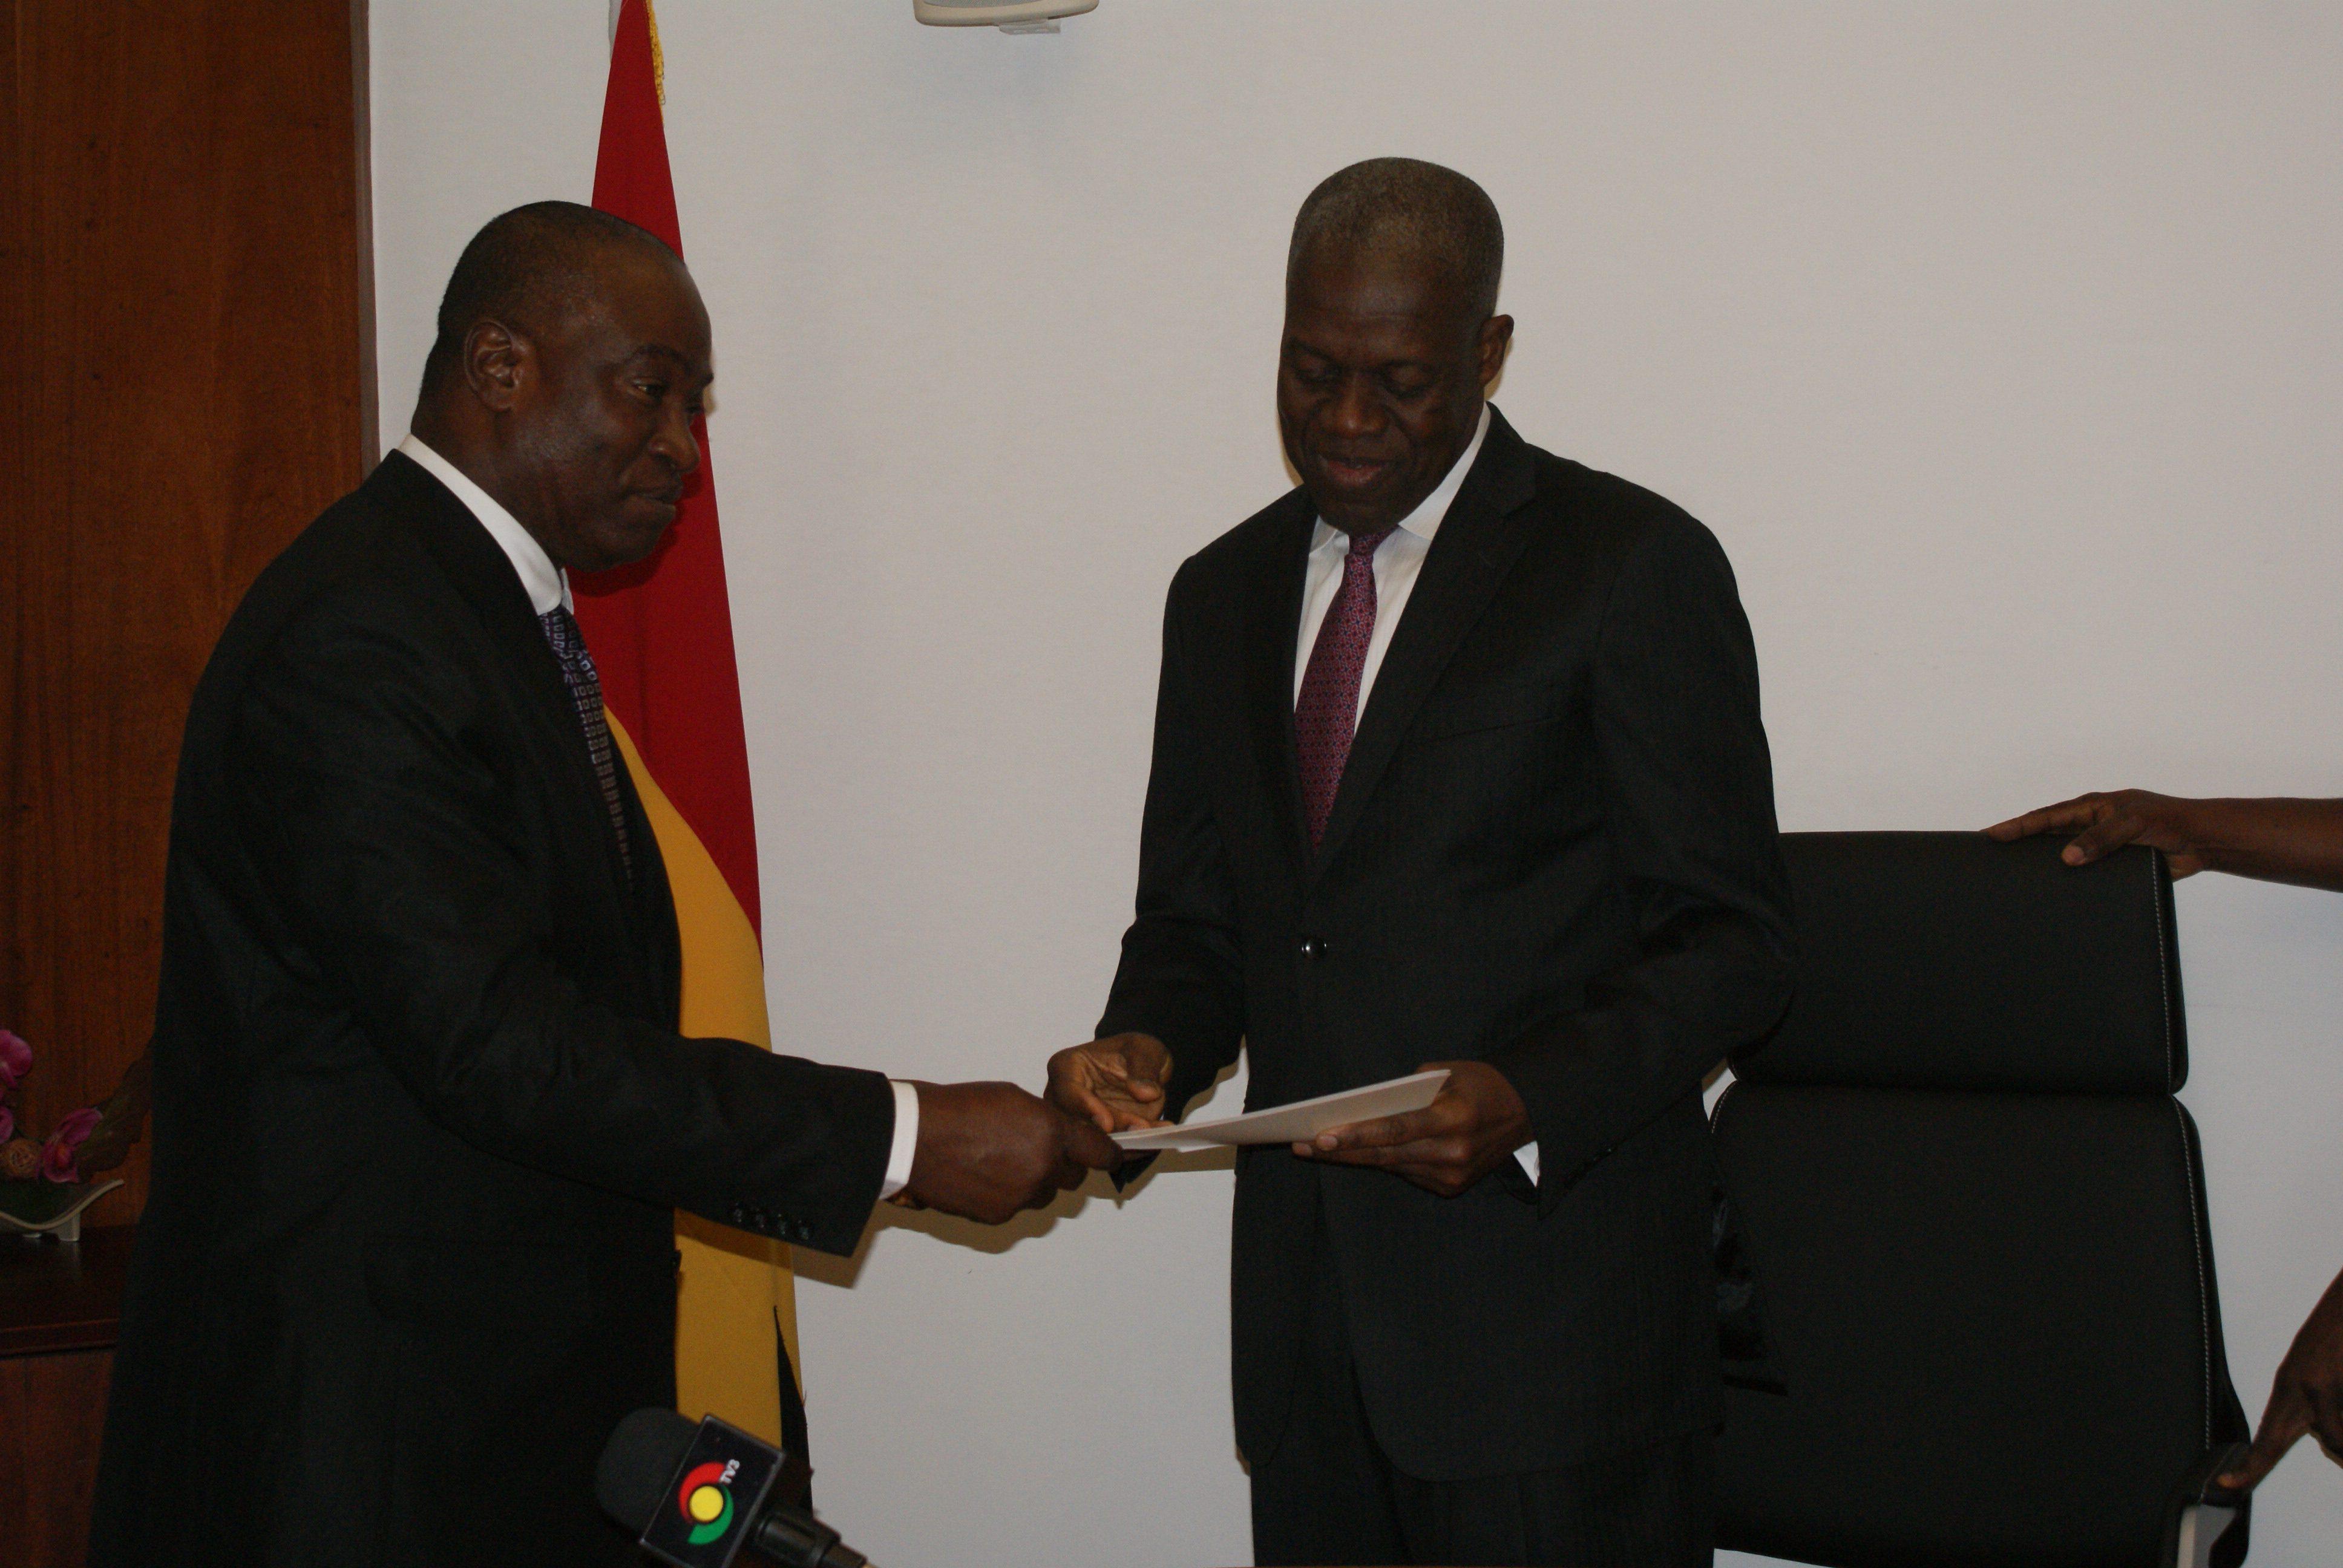 Dr-Samura-Kamara-presenting-the-letter-to-Vice-President-Amissah-Arthur